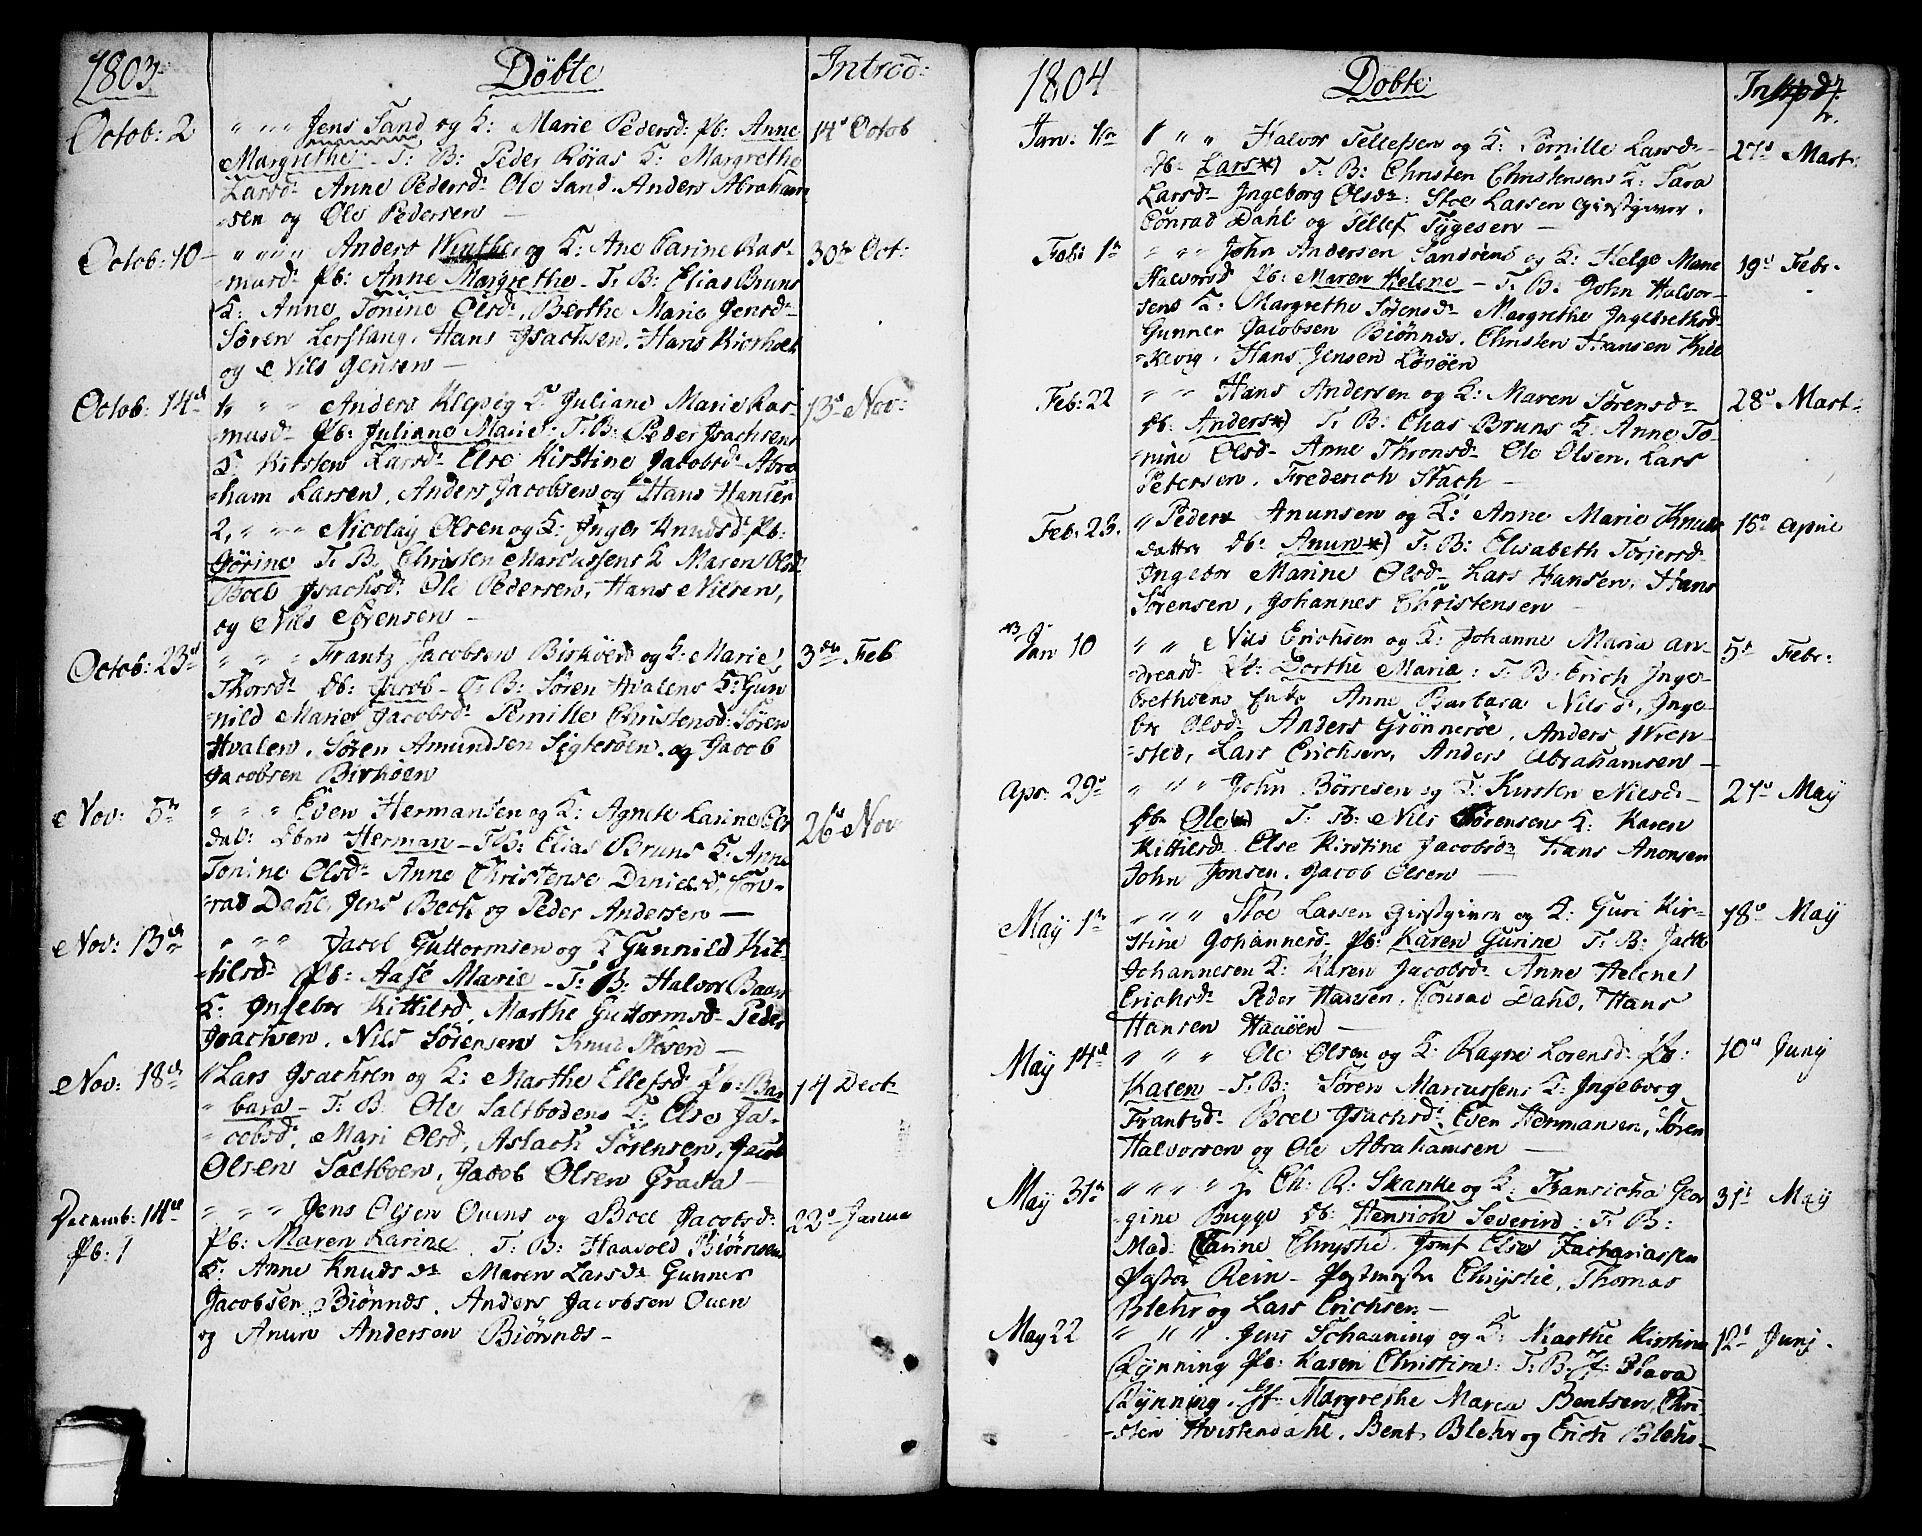 SAKO, Brevik kirkebøker, F/Fa/L0003: Ministerialbok nr. 3, 1764-1814, s. 44